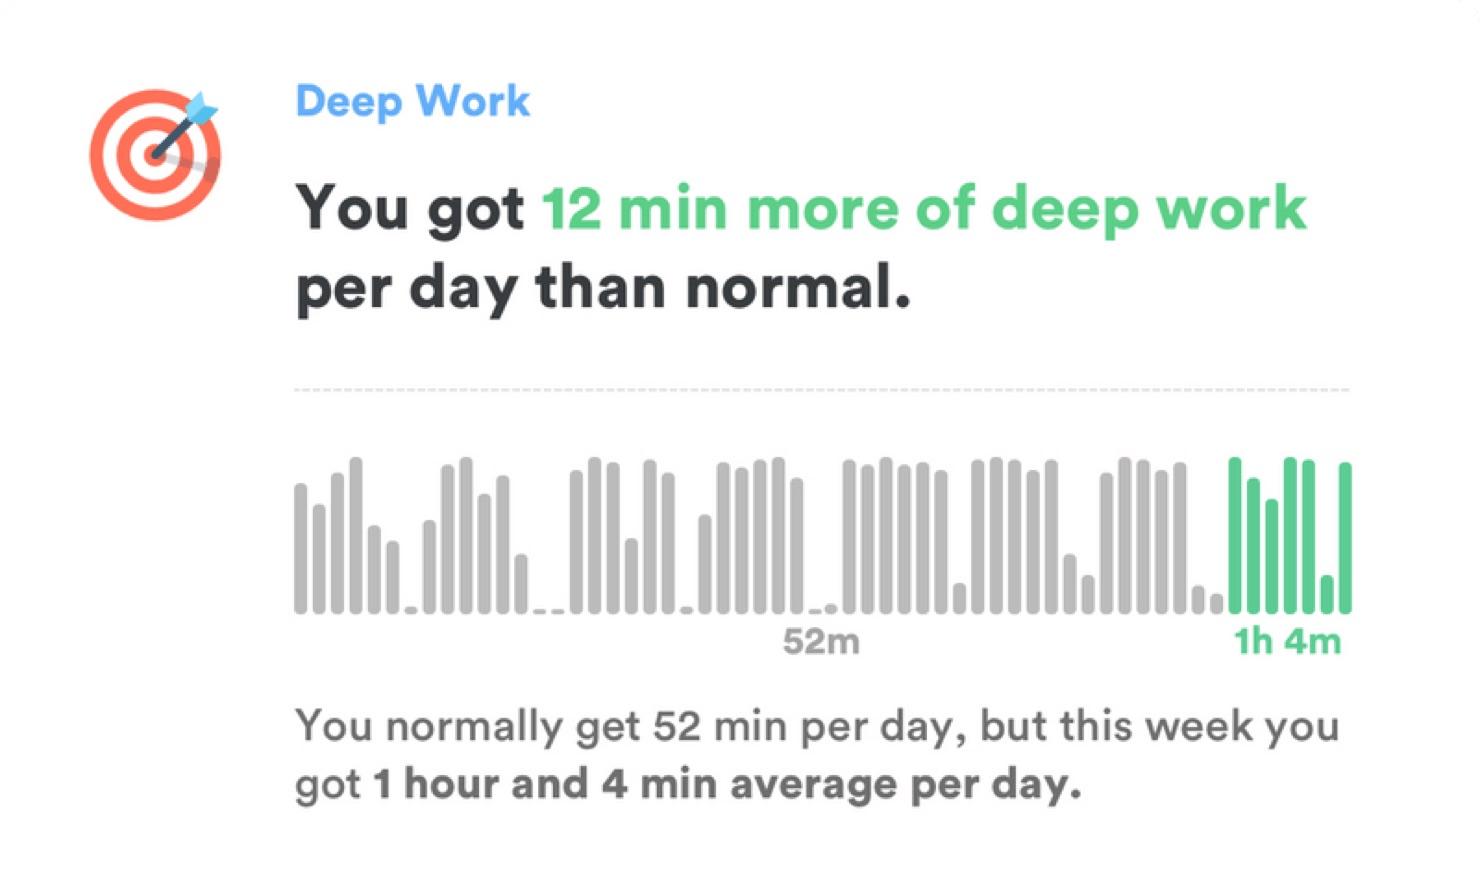 Deepwork@2x